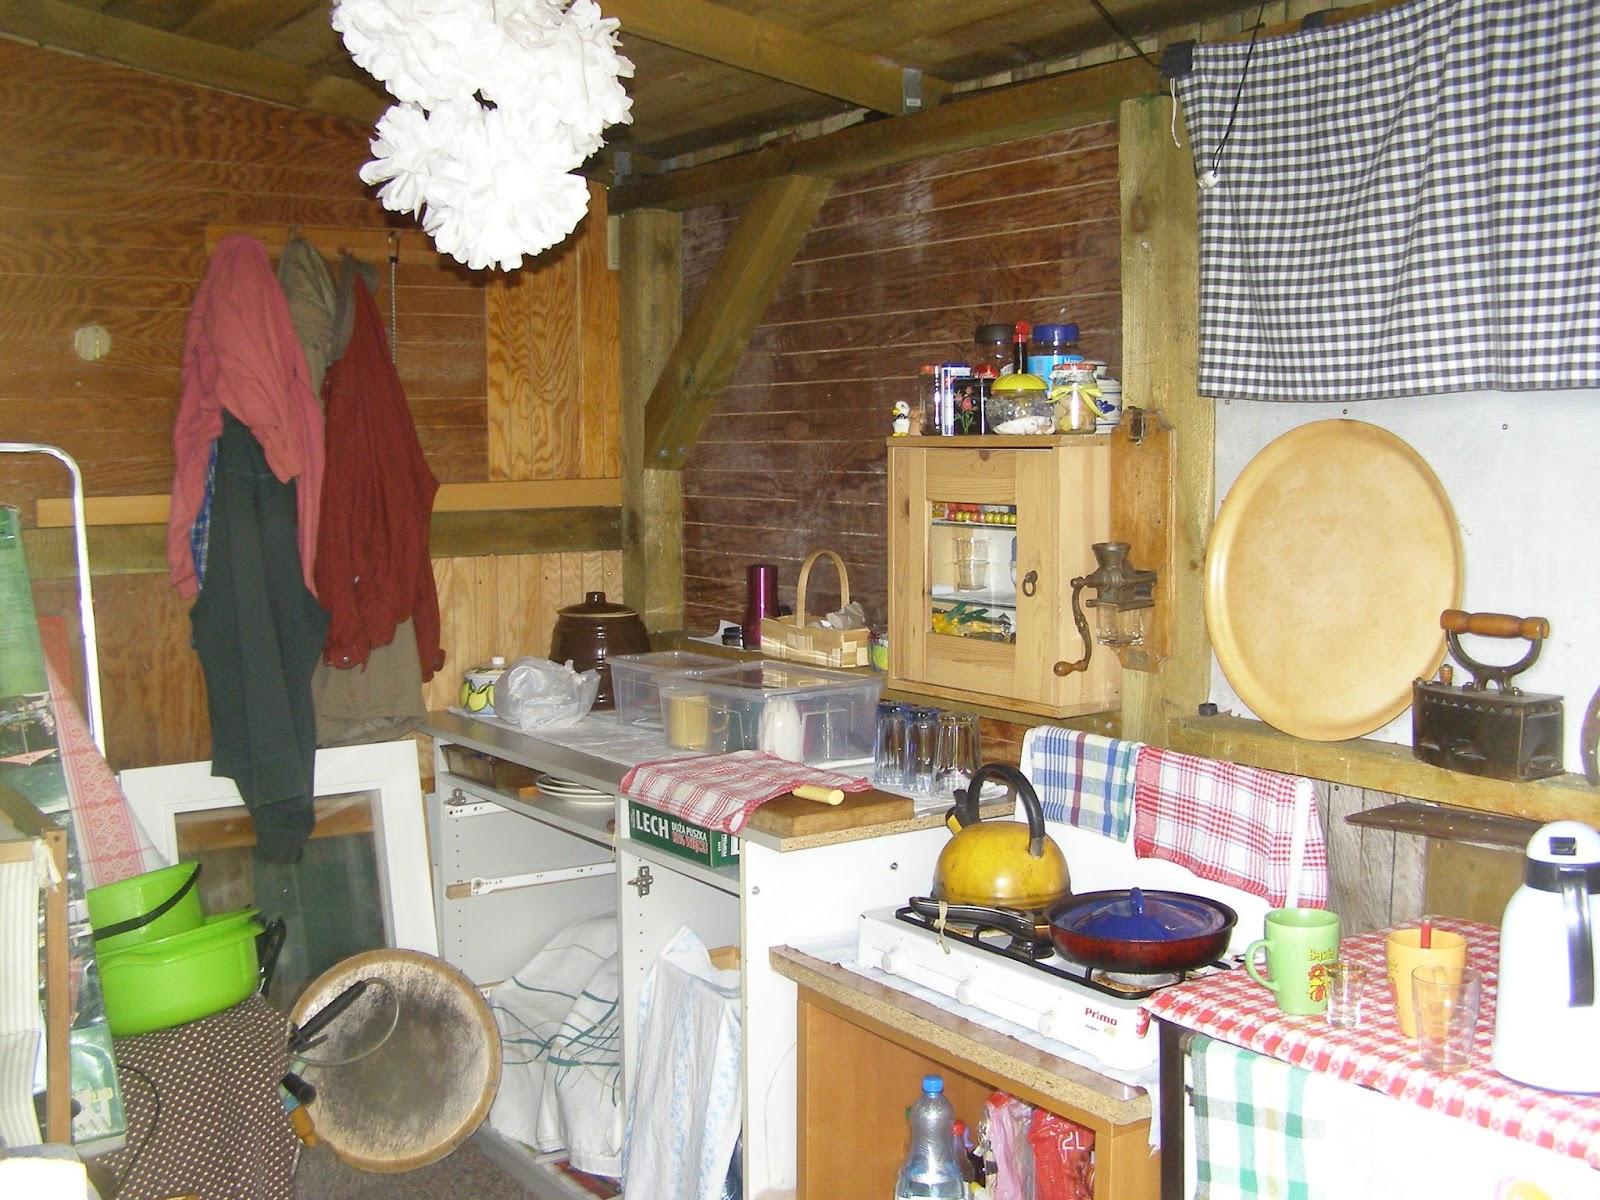 Jezioro marzeń  Letnia kuchnia parnik  # Kuchnia Weglowa Westfalka Z Weżownicą